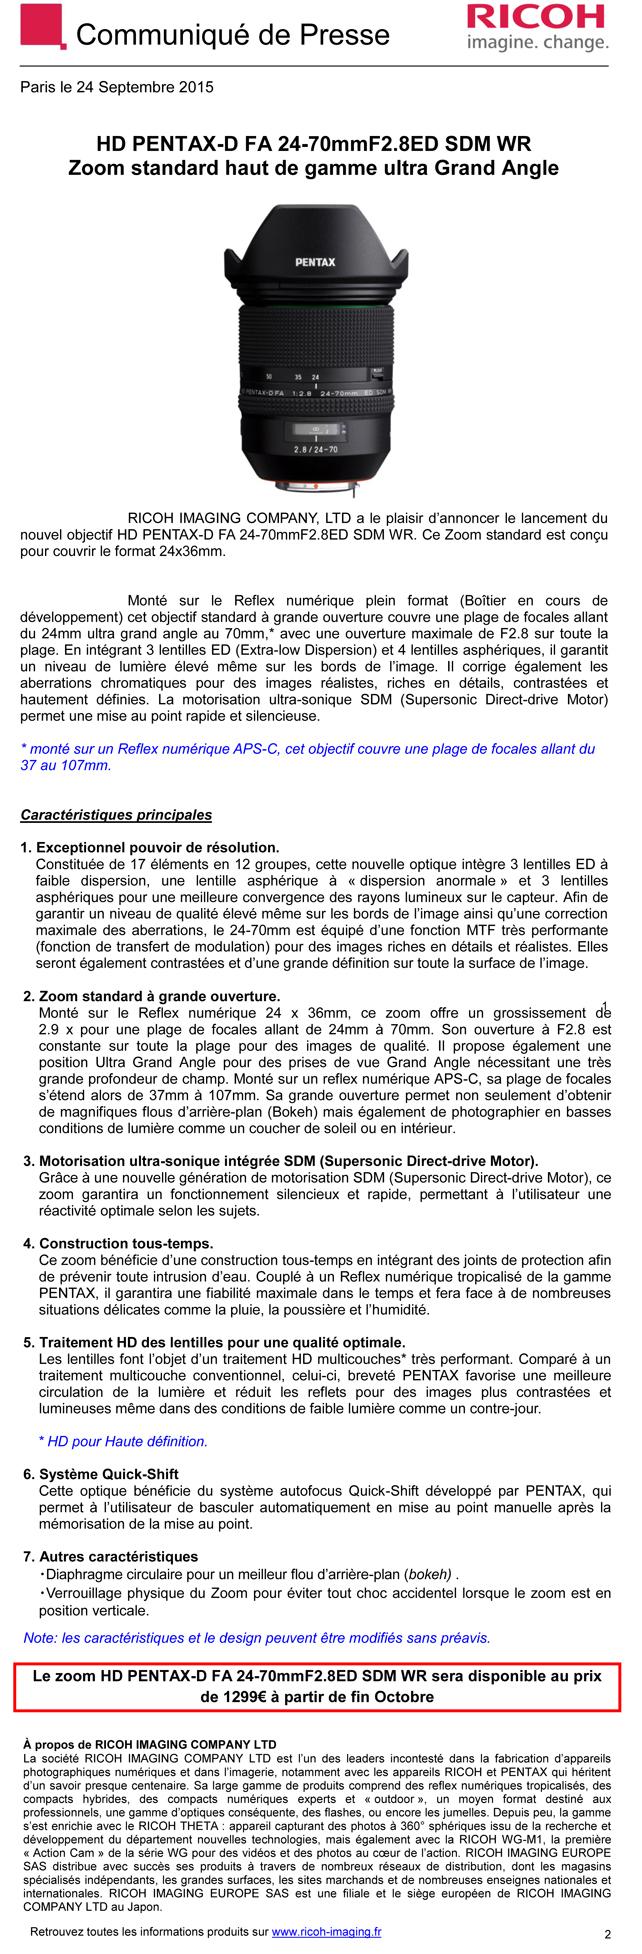 PENTAX RICOH IMAGING - Communiqué de Presse 24/09/2015 - HD PENTAX-D FA 24-70mmF2.8ED H245p5